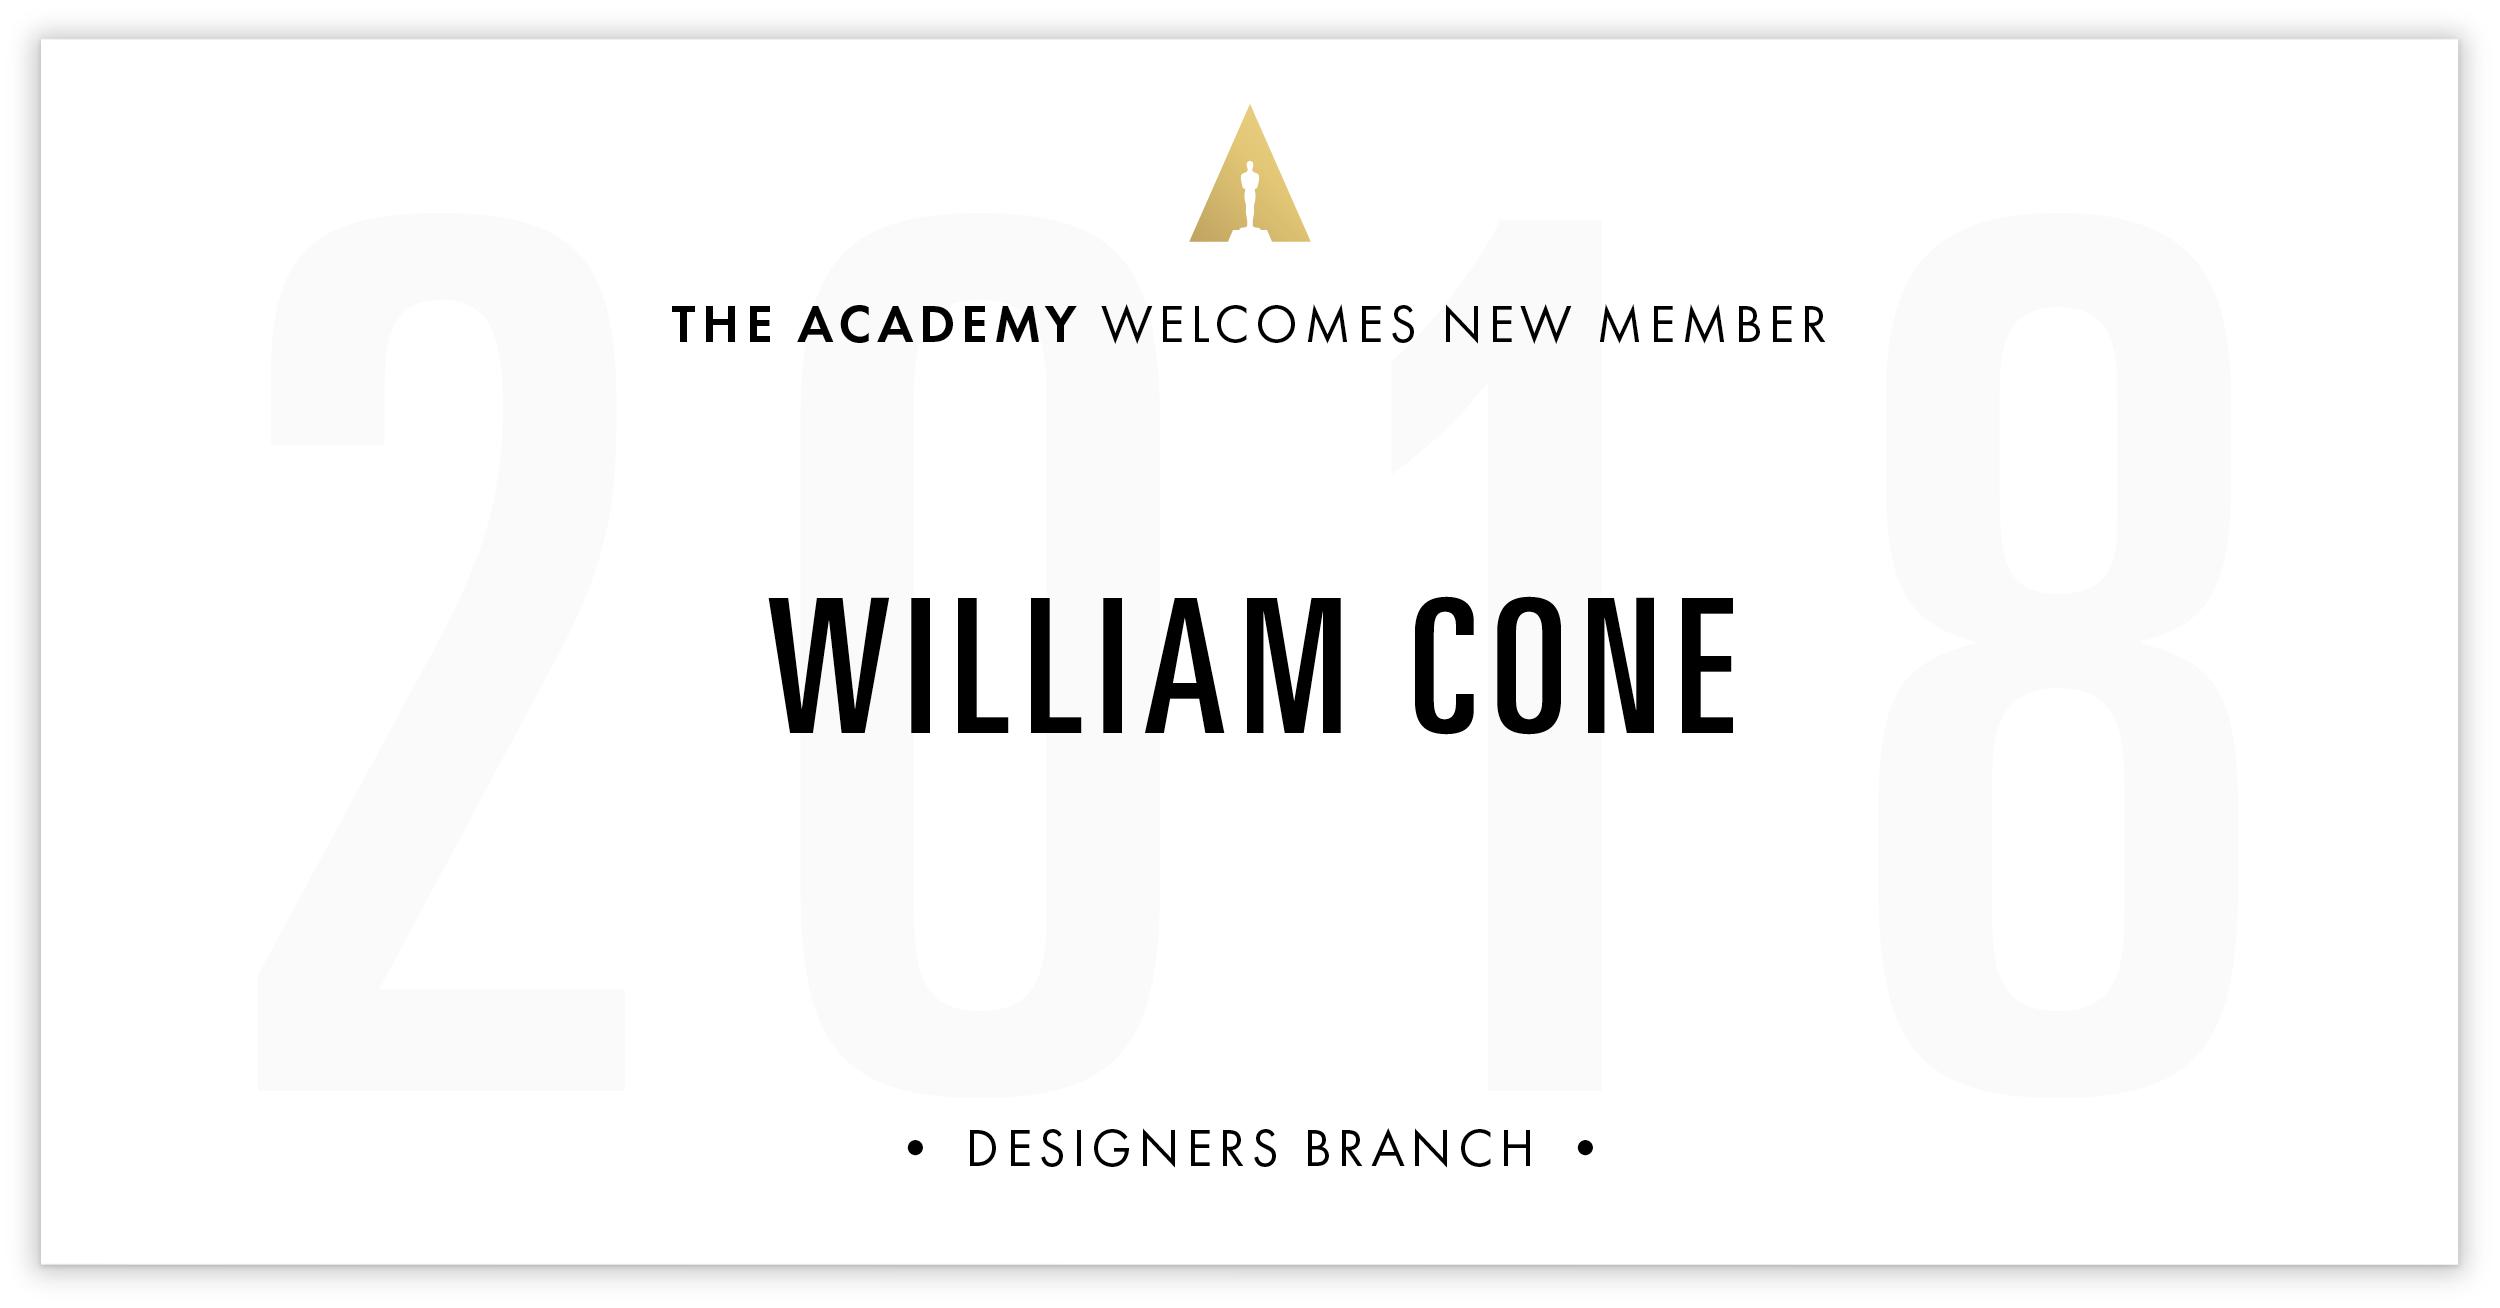 William Cone is invited!